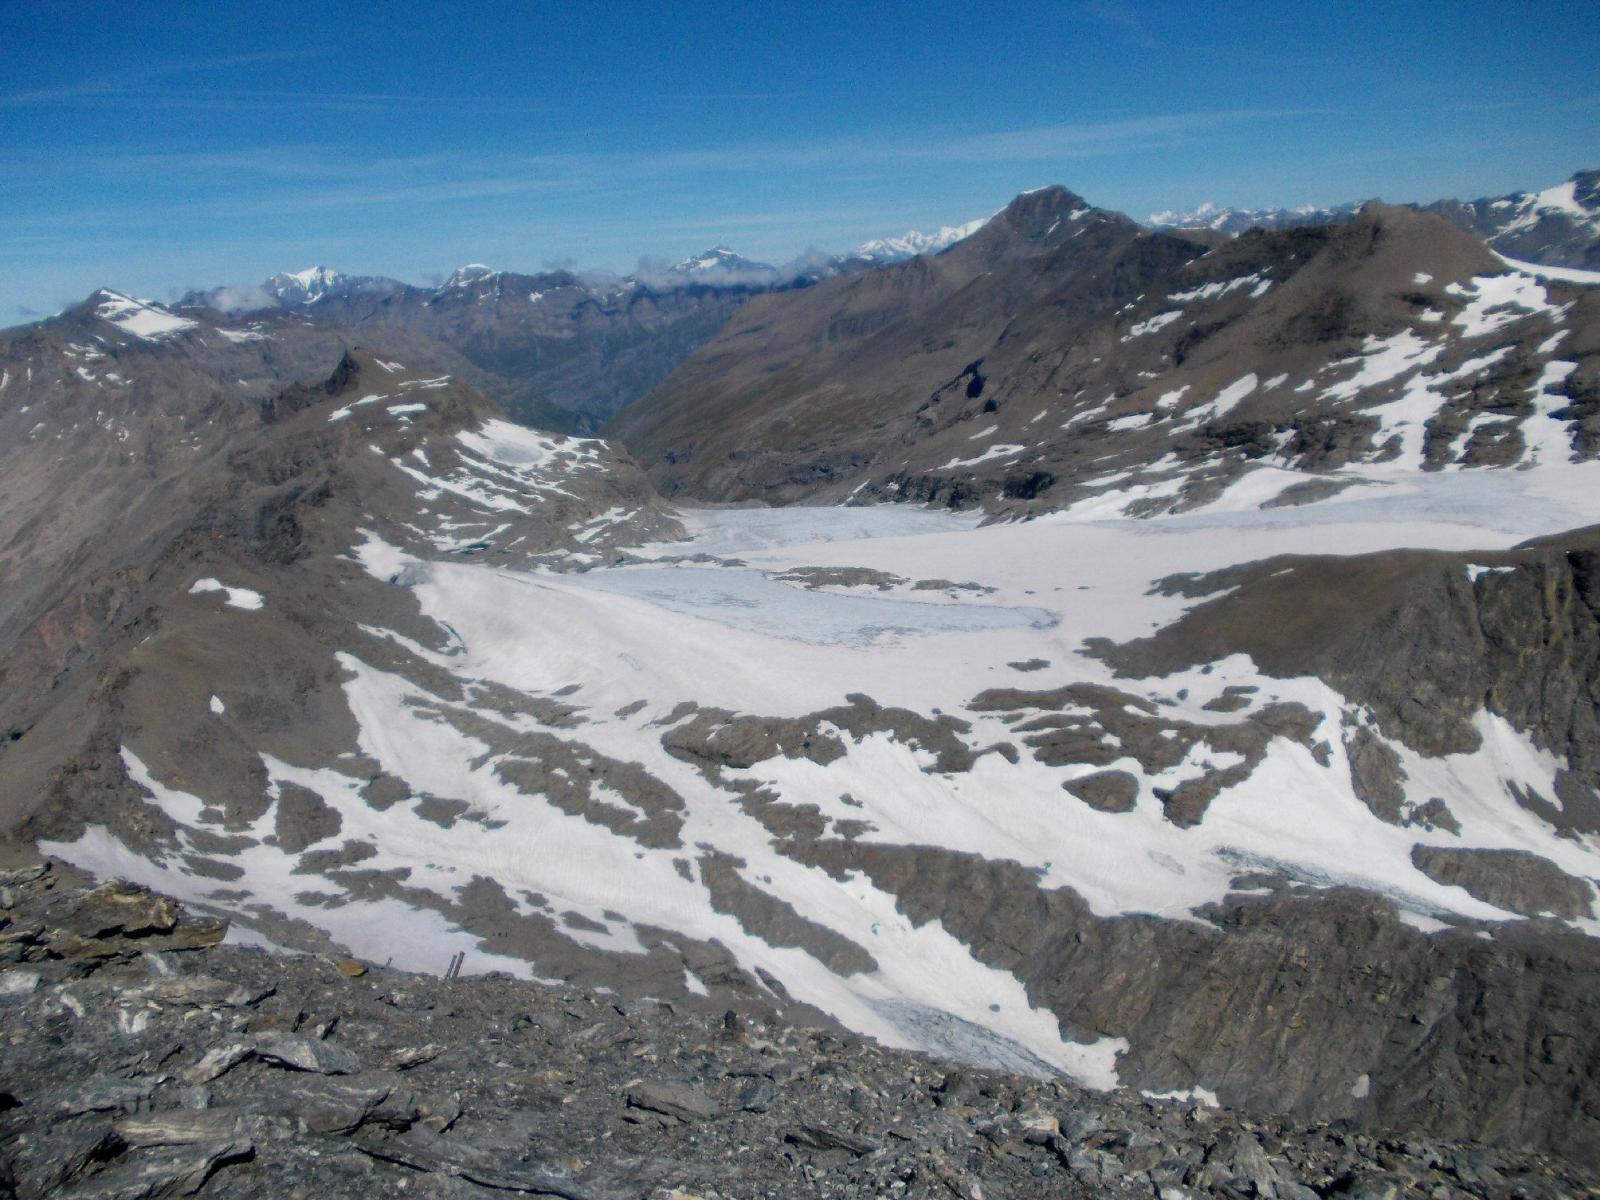 il ghiacciaio e la Pointe de Charbonelle